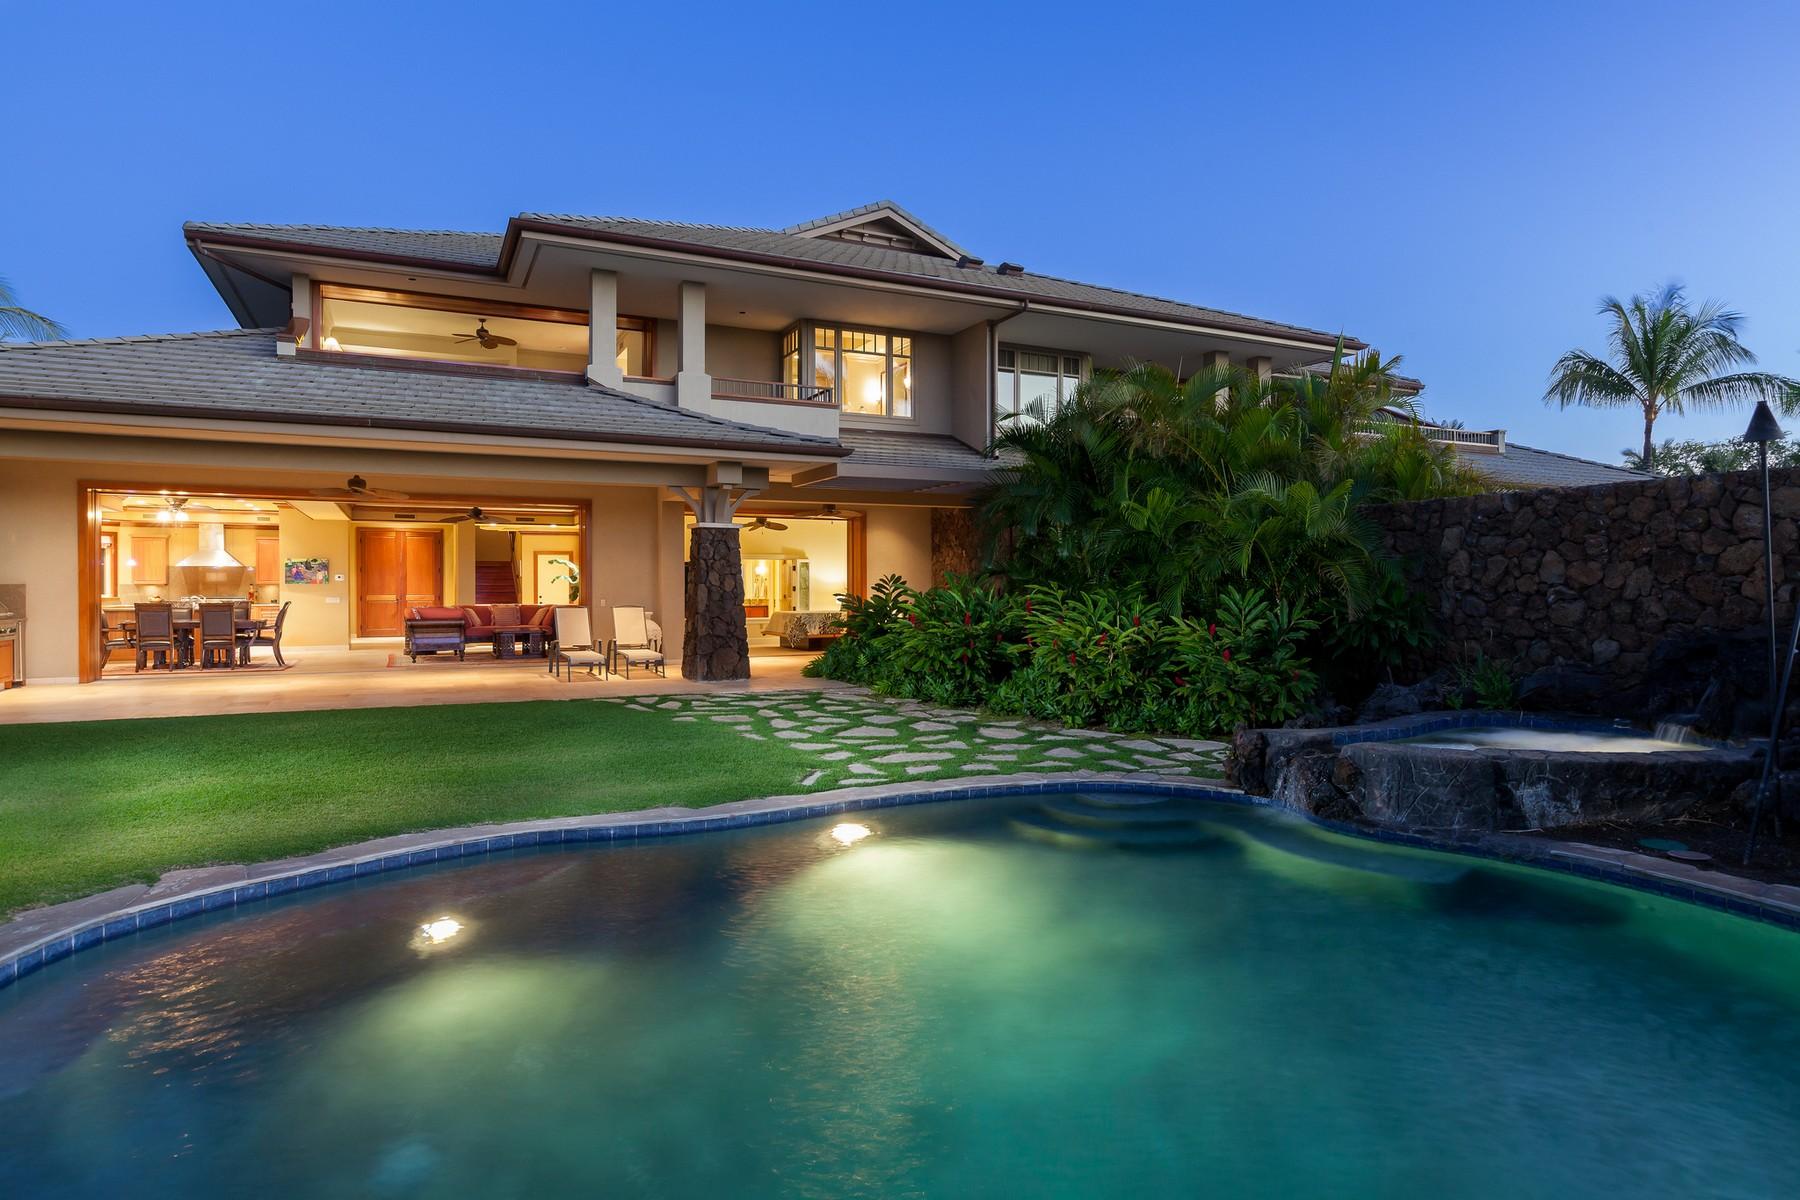 Residência urbana para Venda às Kaunaoa Subdivision 62-3939 Kaunaoa Iki Rd 8A Kamuela, Havaí, 96743 Estados Unidos